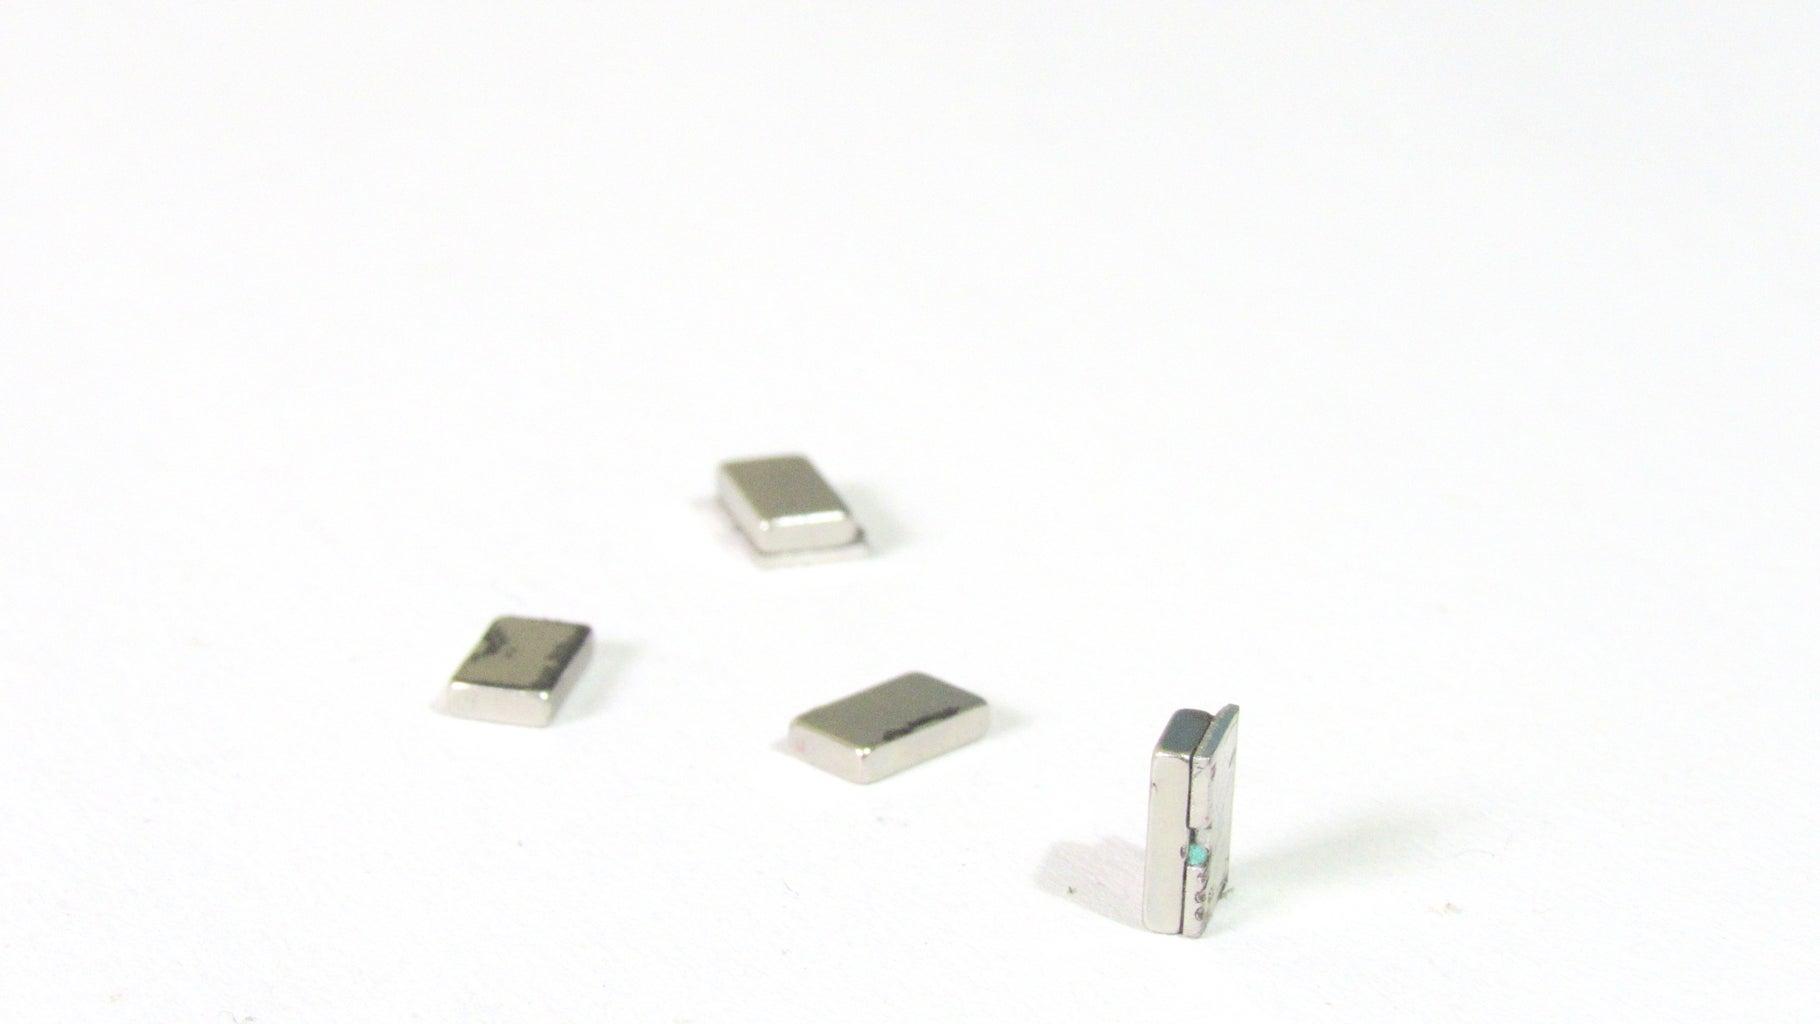 Unusual Life Hacks of Super Strong Neodymium Magnet